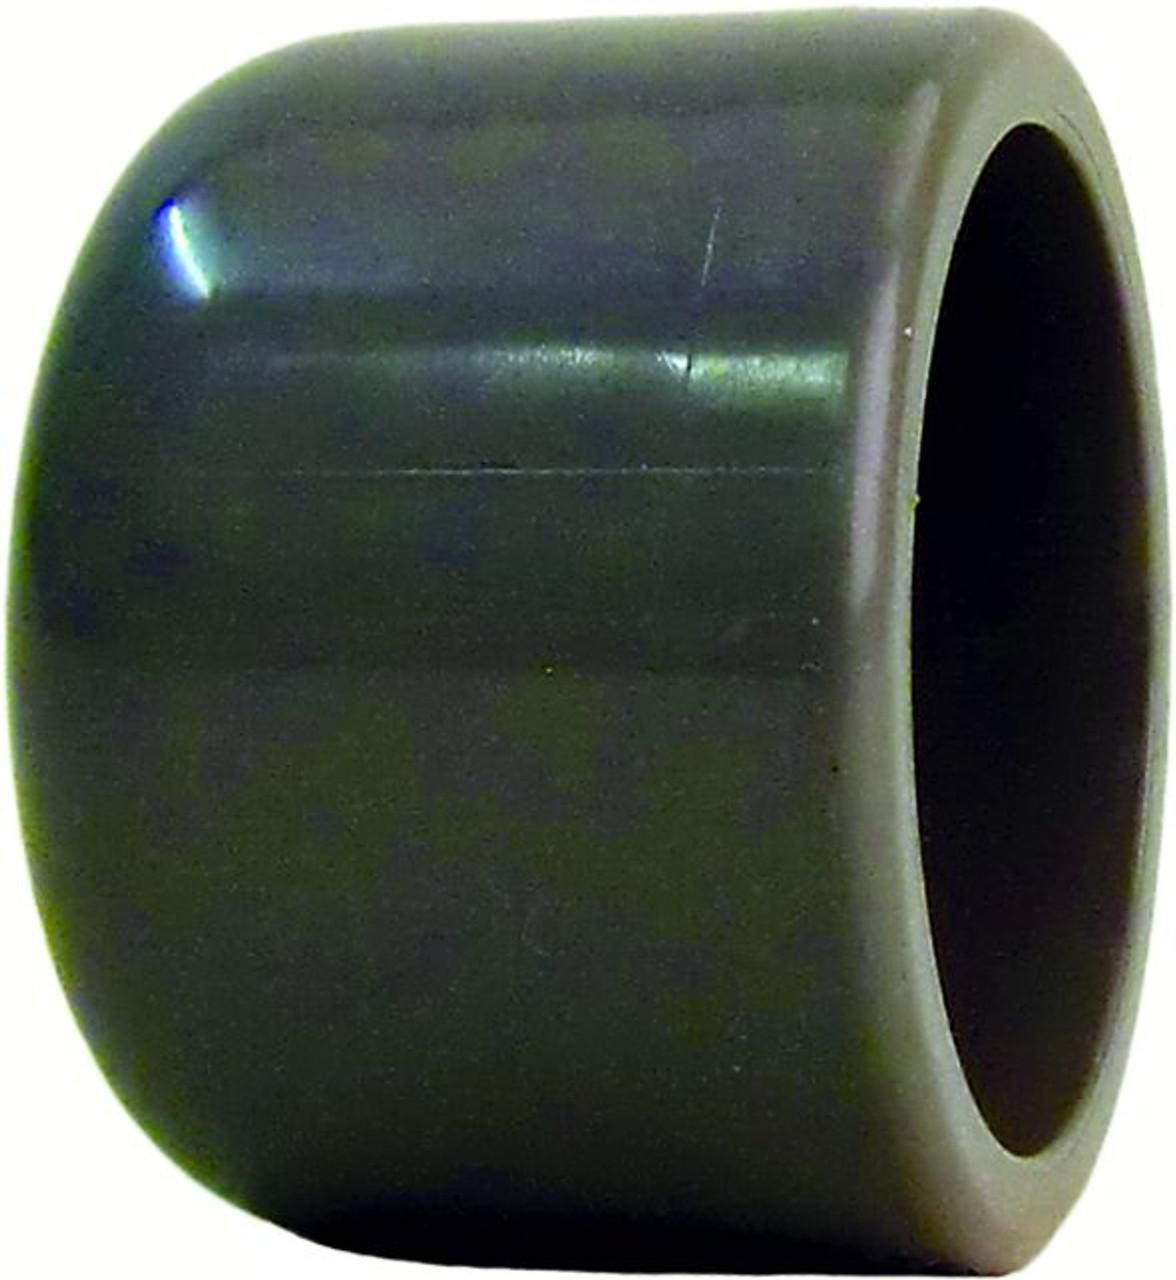 Cap PVC-U  32 (721960108)